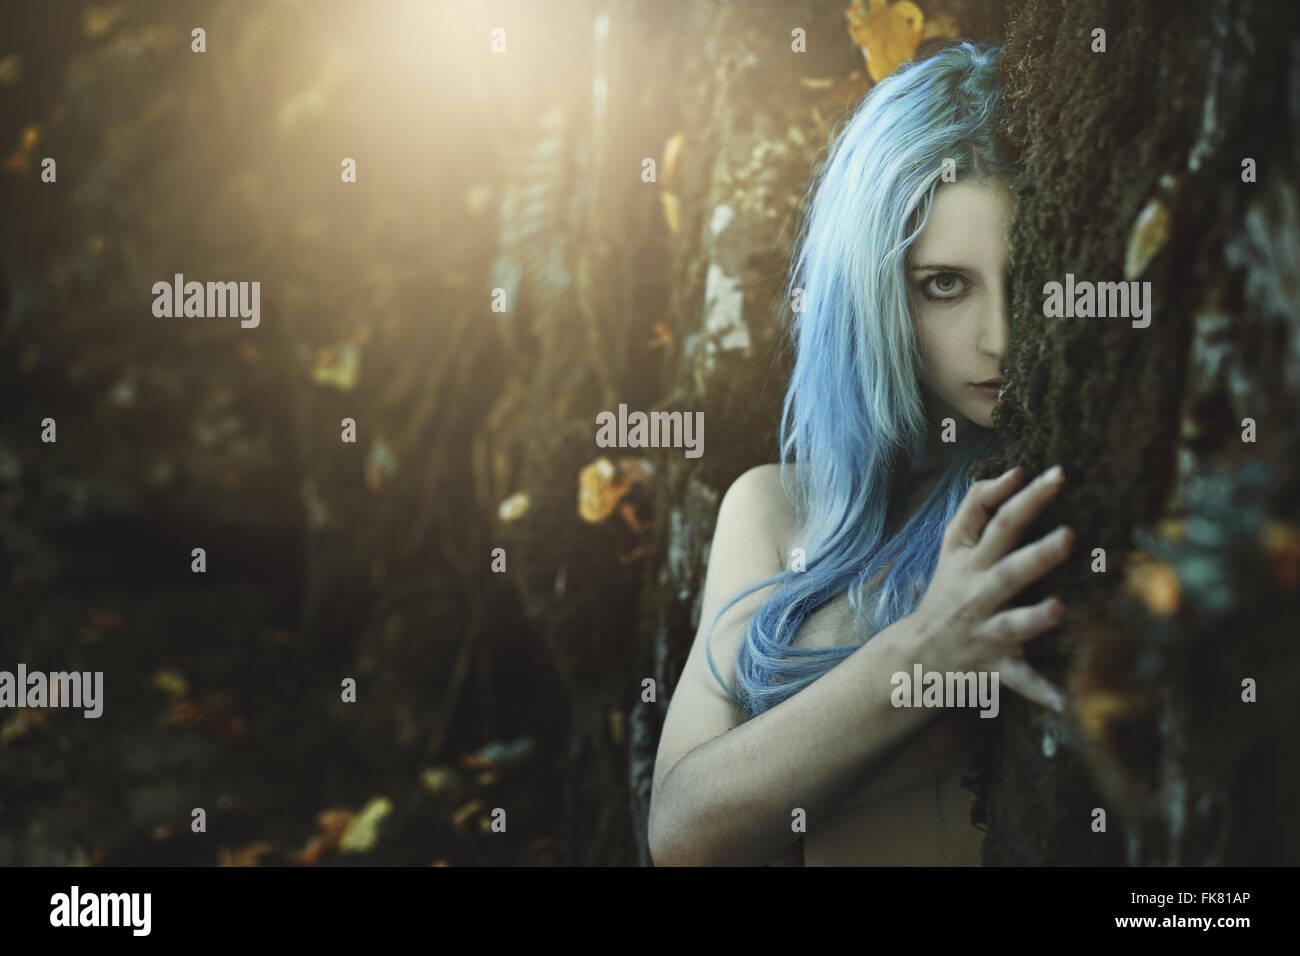 Niño oscuro del bosque . La fantasía y el mito Imagen De Stock